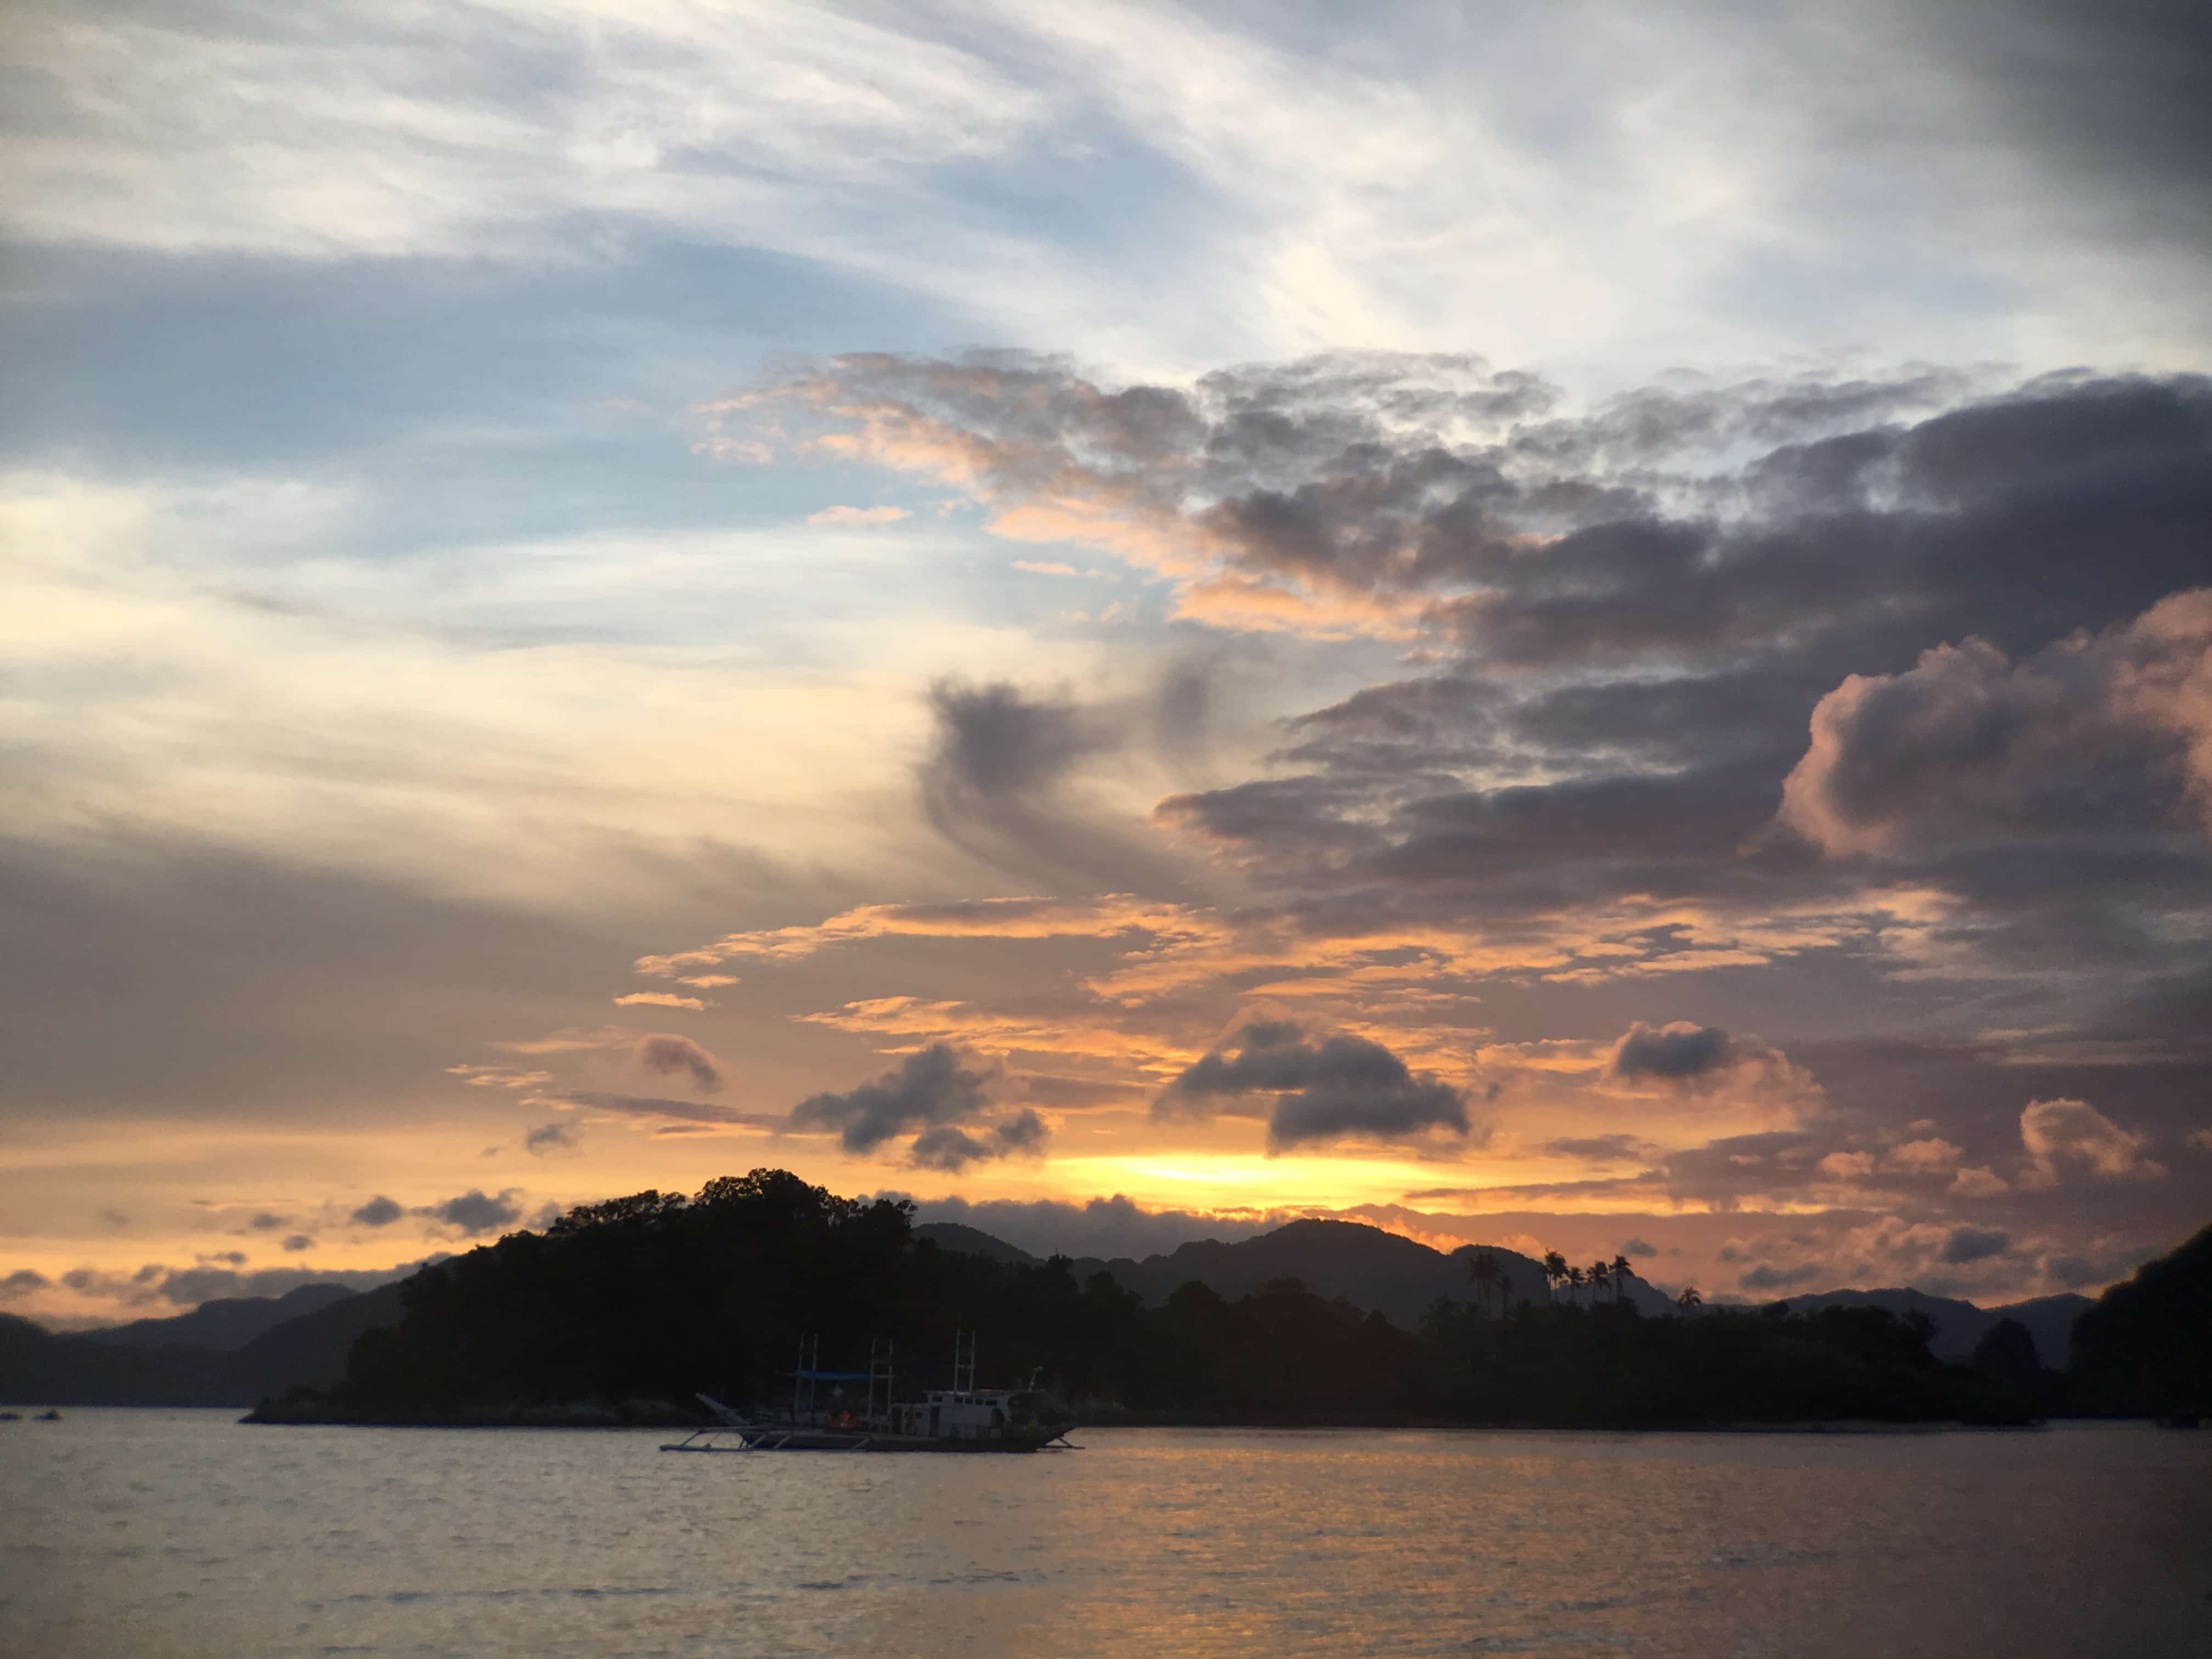 Tours in El Nido: sunrise